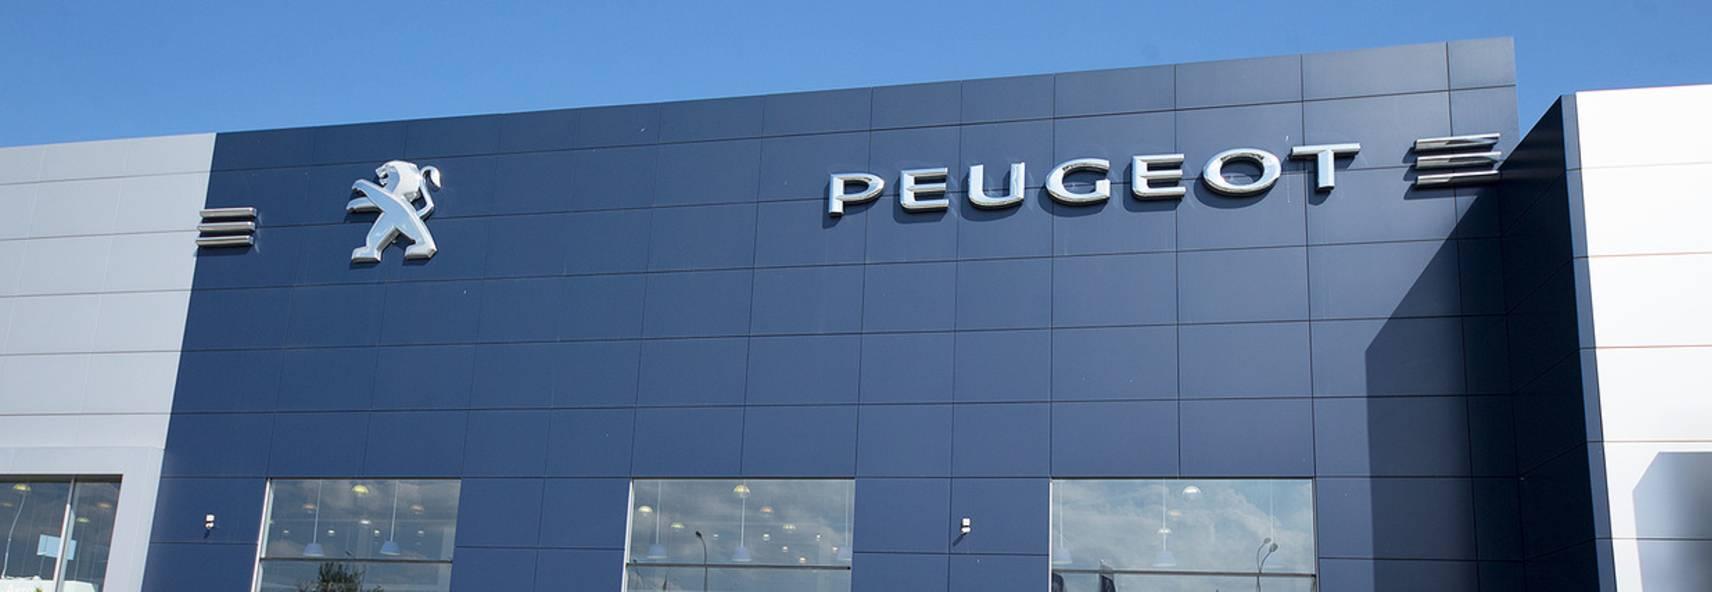 Peugeot, Яблоновский